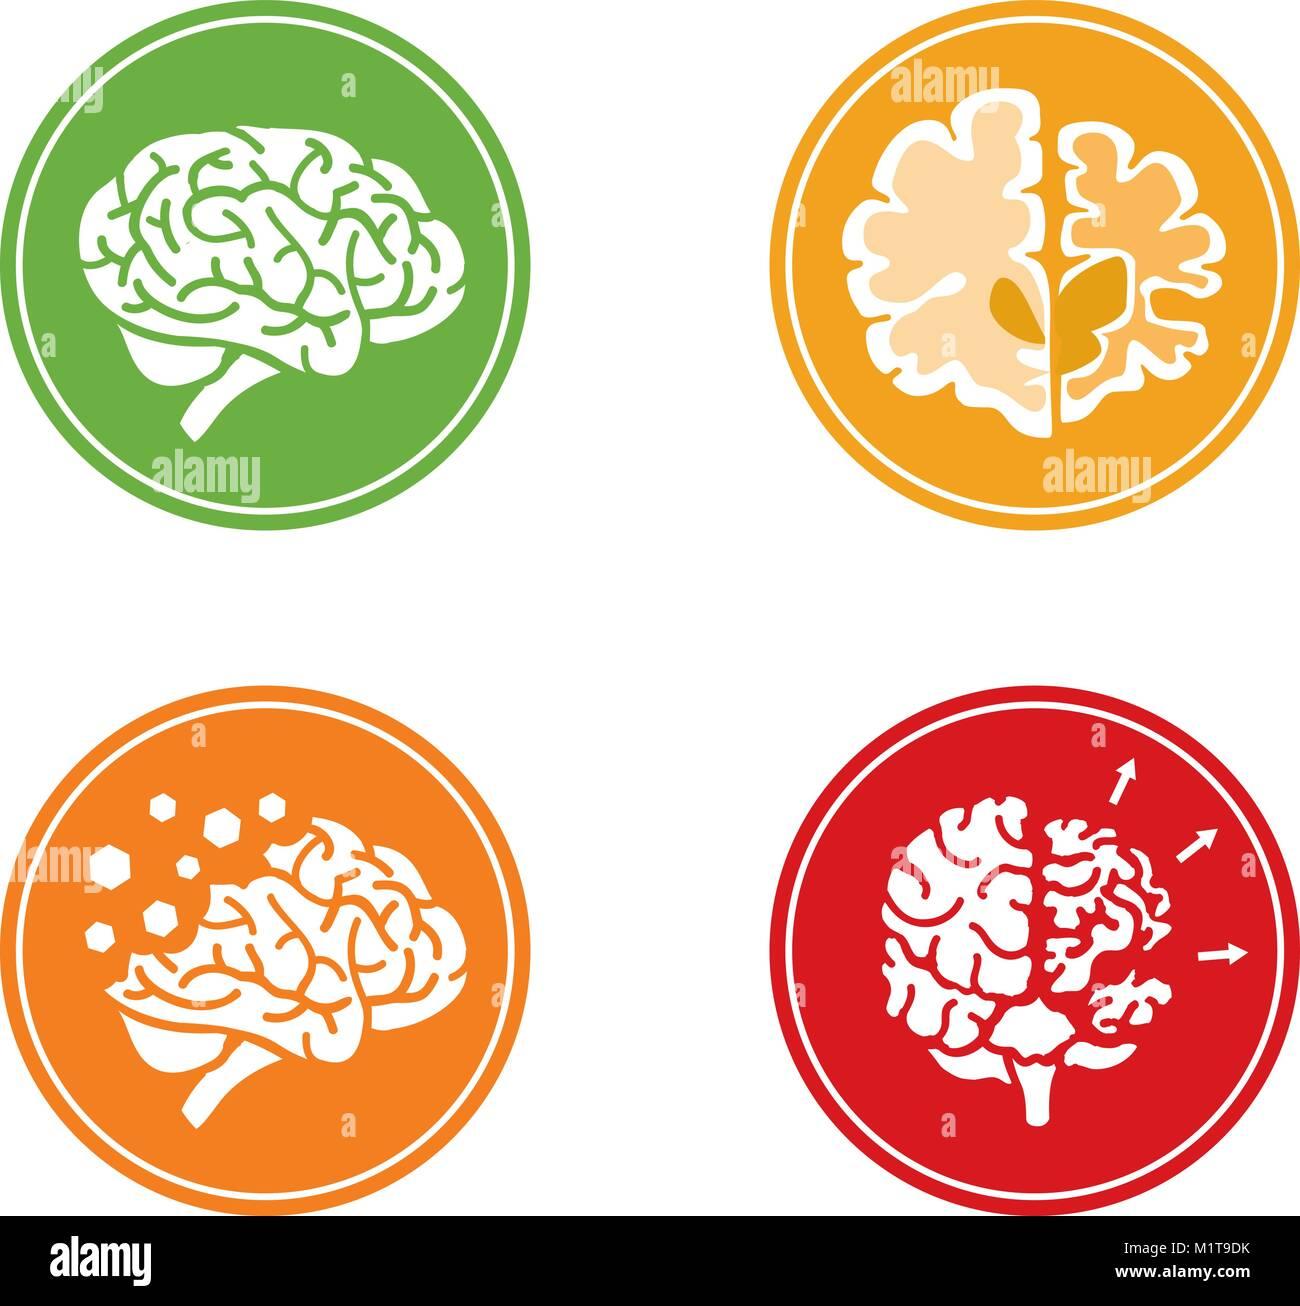 Conjunto de iconos vectoriales planas con el cerebro humano y el concepto de demencia y otros problemas de salud Imagen De Stock